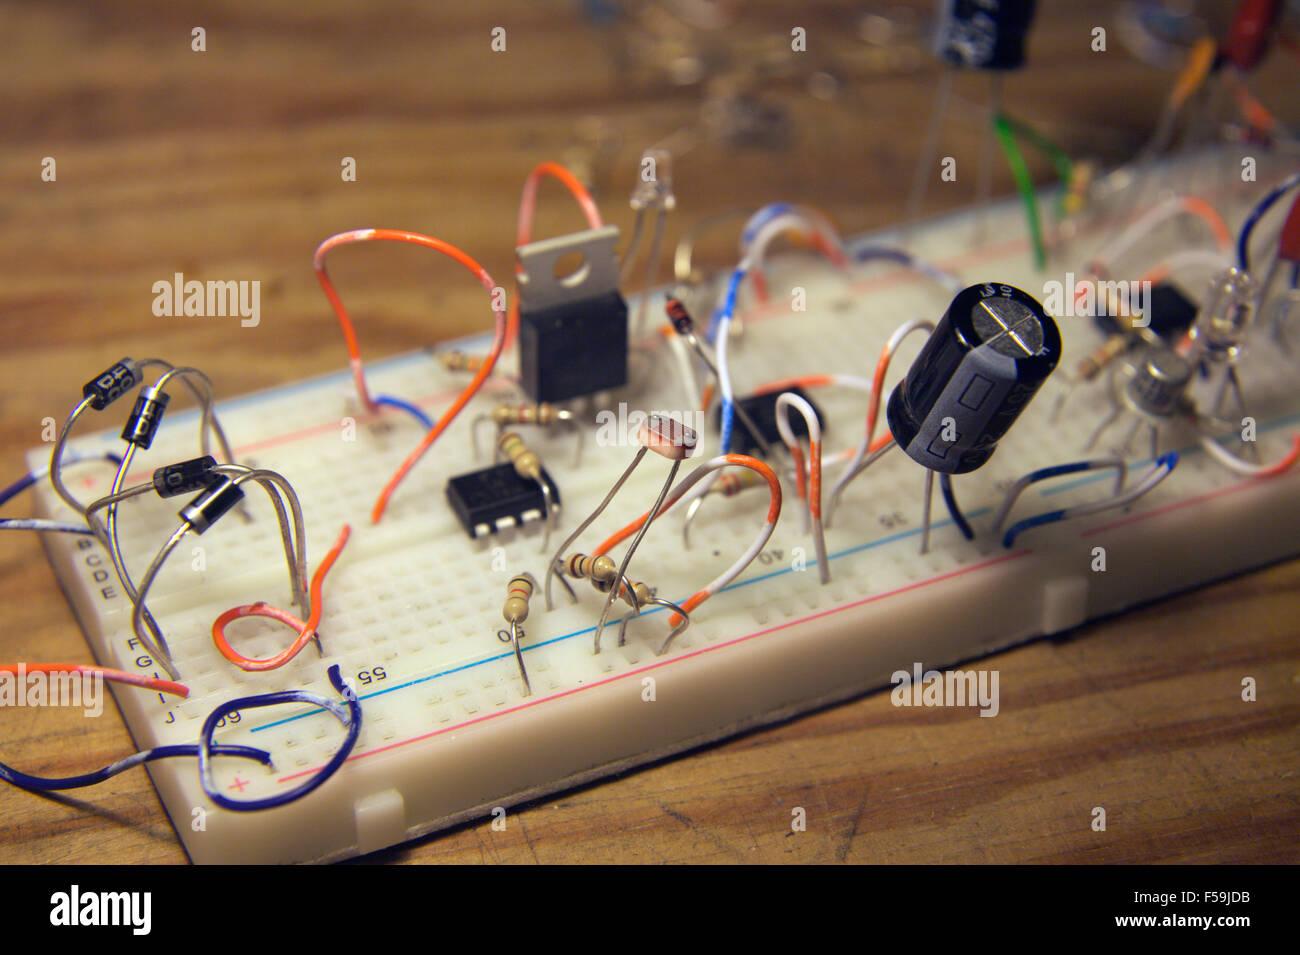 L'élaboration d'une minuterie et d'propogator feuille humide dans le circuit de commande de mise Photo Stock